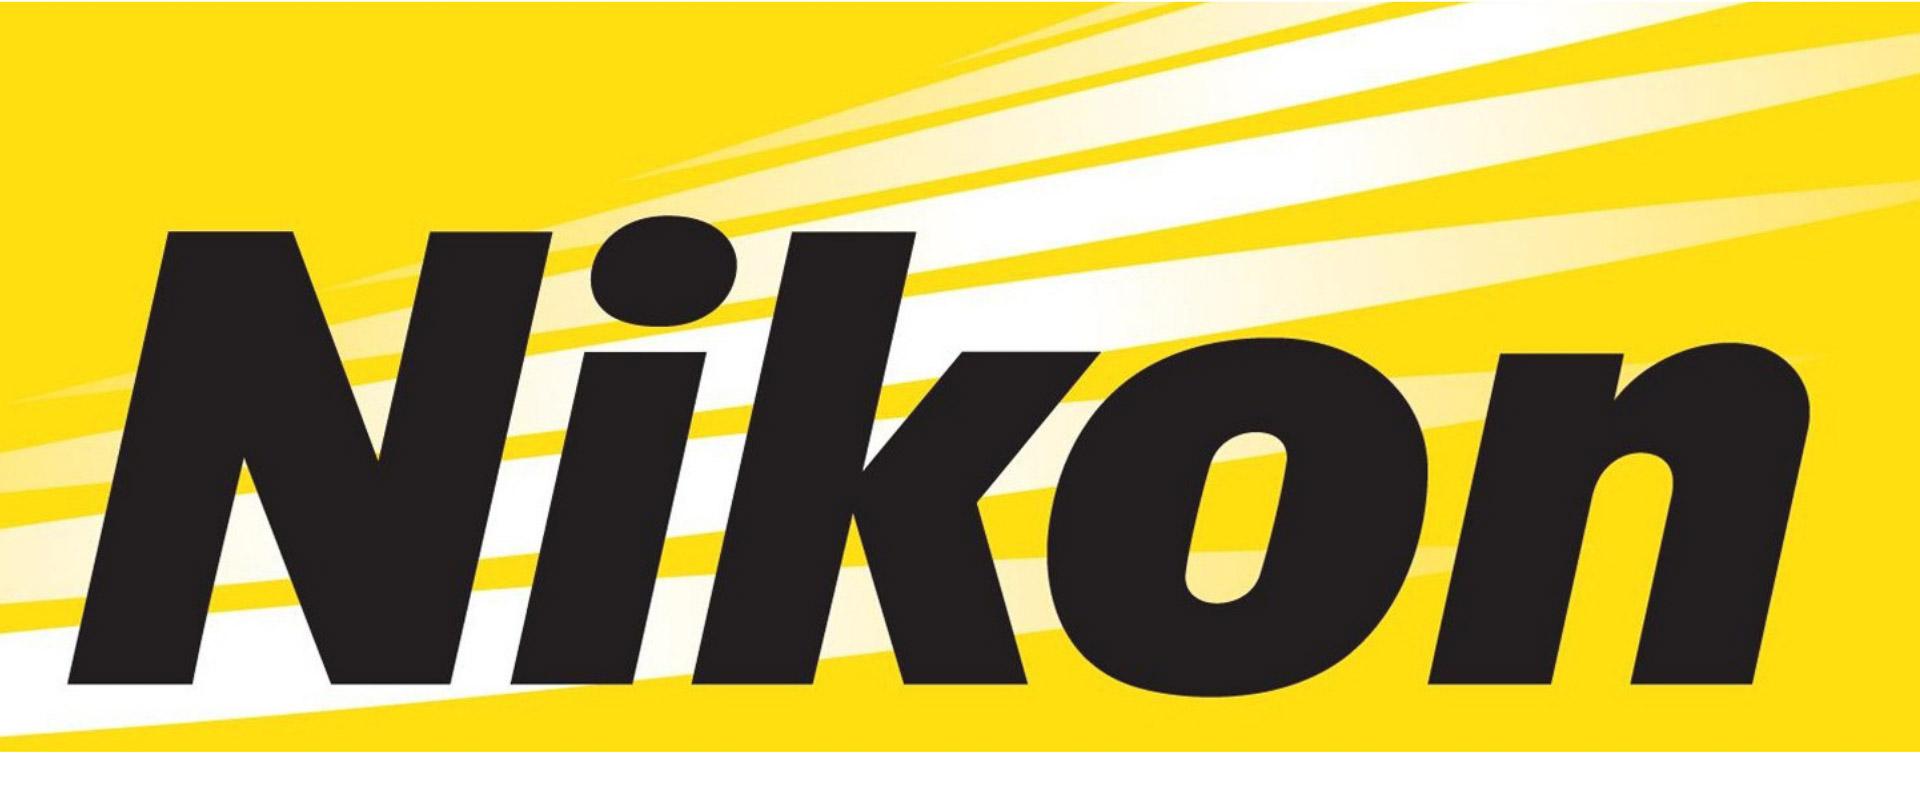 Firmwareupdate 3.00 für Nikon Z6 & Z7 & Firmware 1.10 für Z50